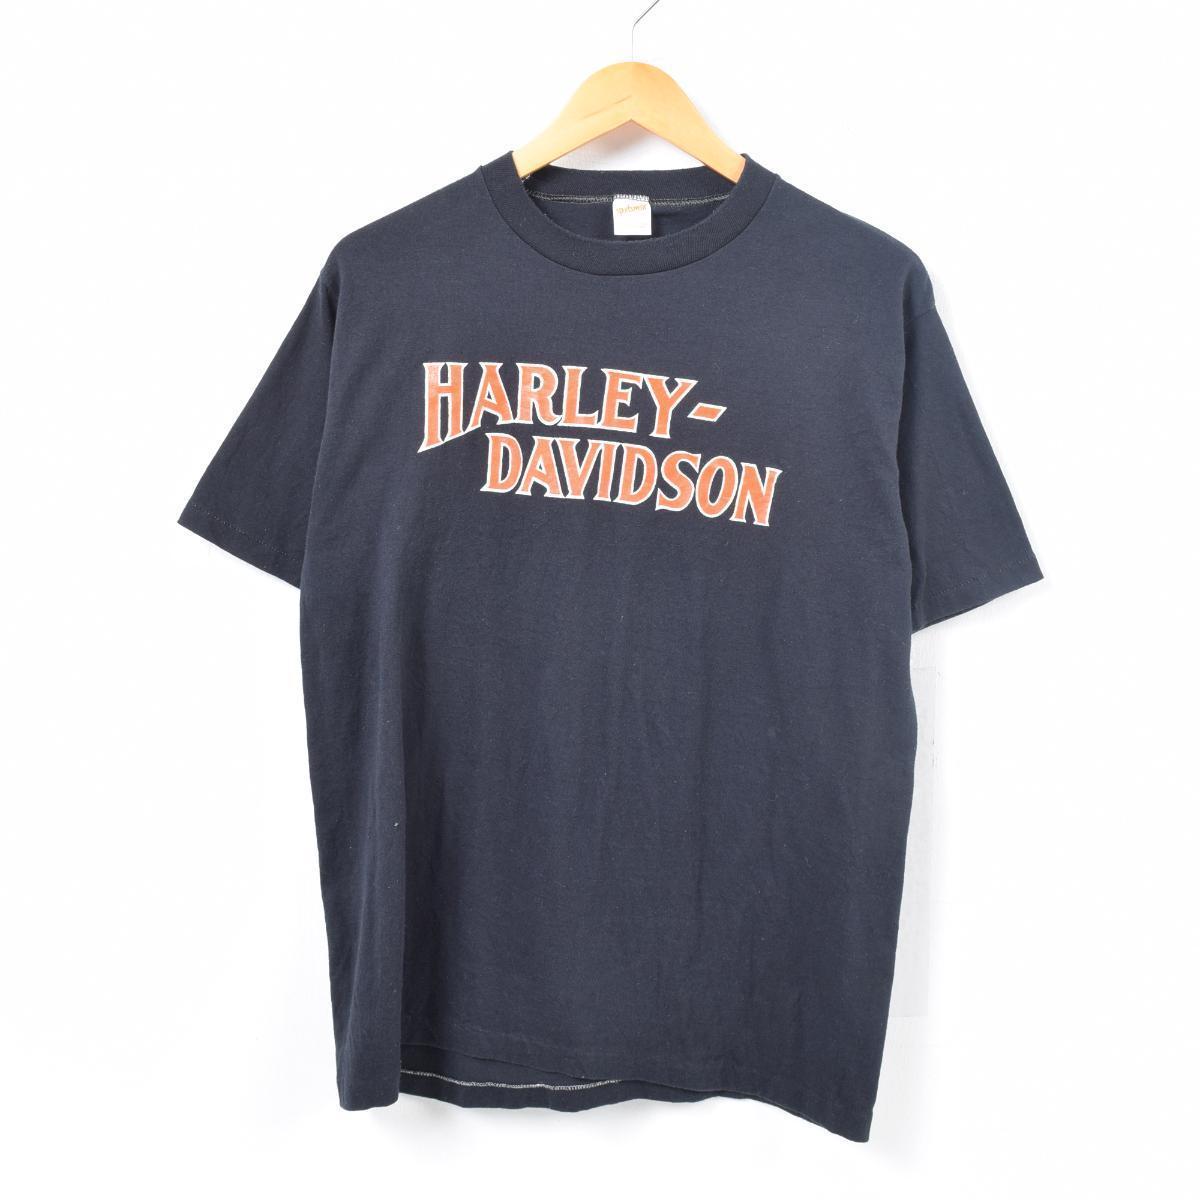 80年代 ハーレーダビッドソン Harley-Davidson モーターサイクル バイクTシャツ USA製 メンズL ヴィンテージ /war6218 【中古】 【180407】